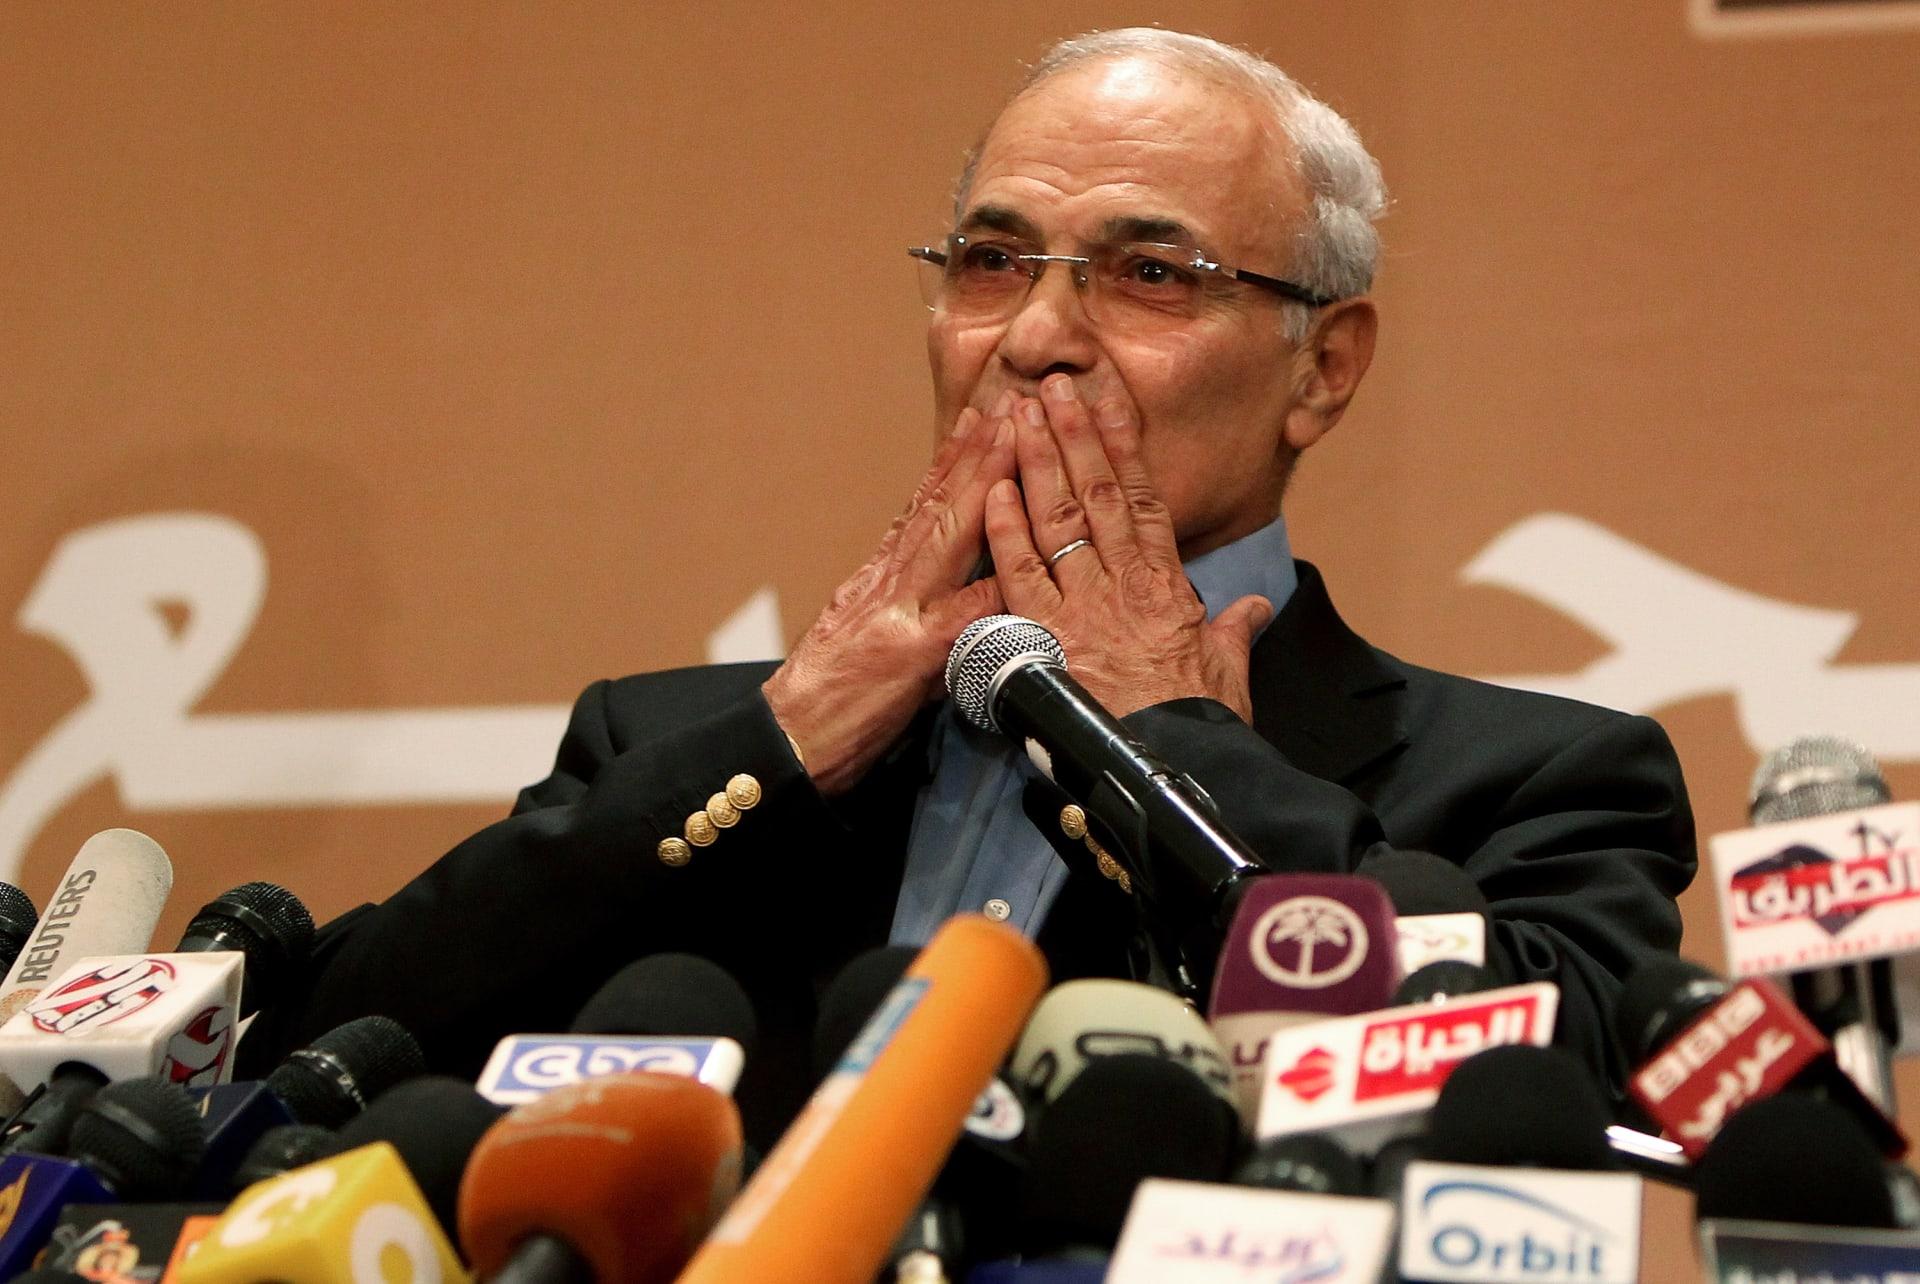 أحمد شفيق: أسعى بكل جدية إلى دعم واستقرار الأوضاع في مصر